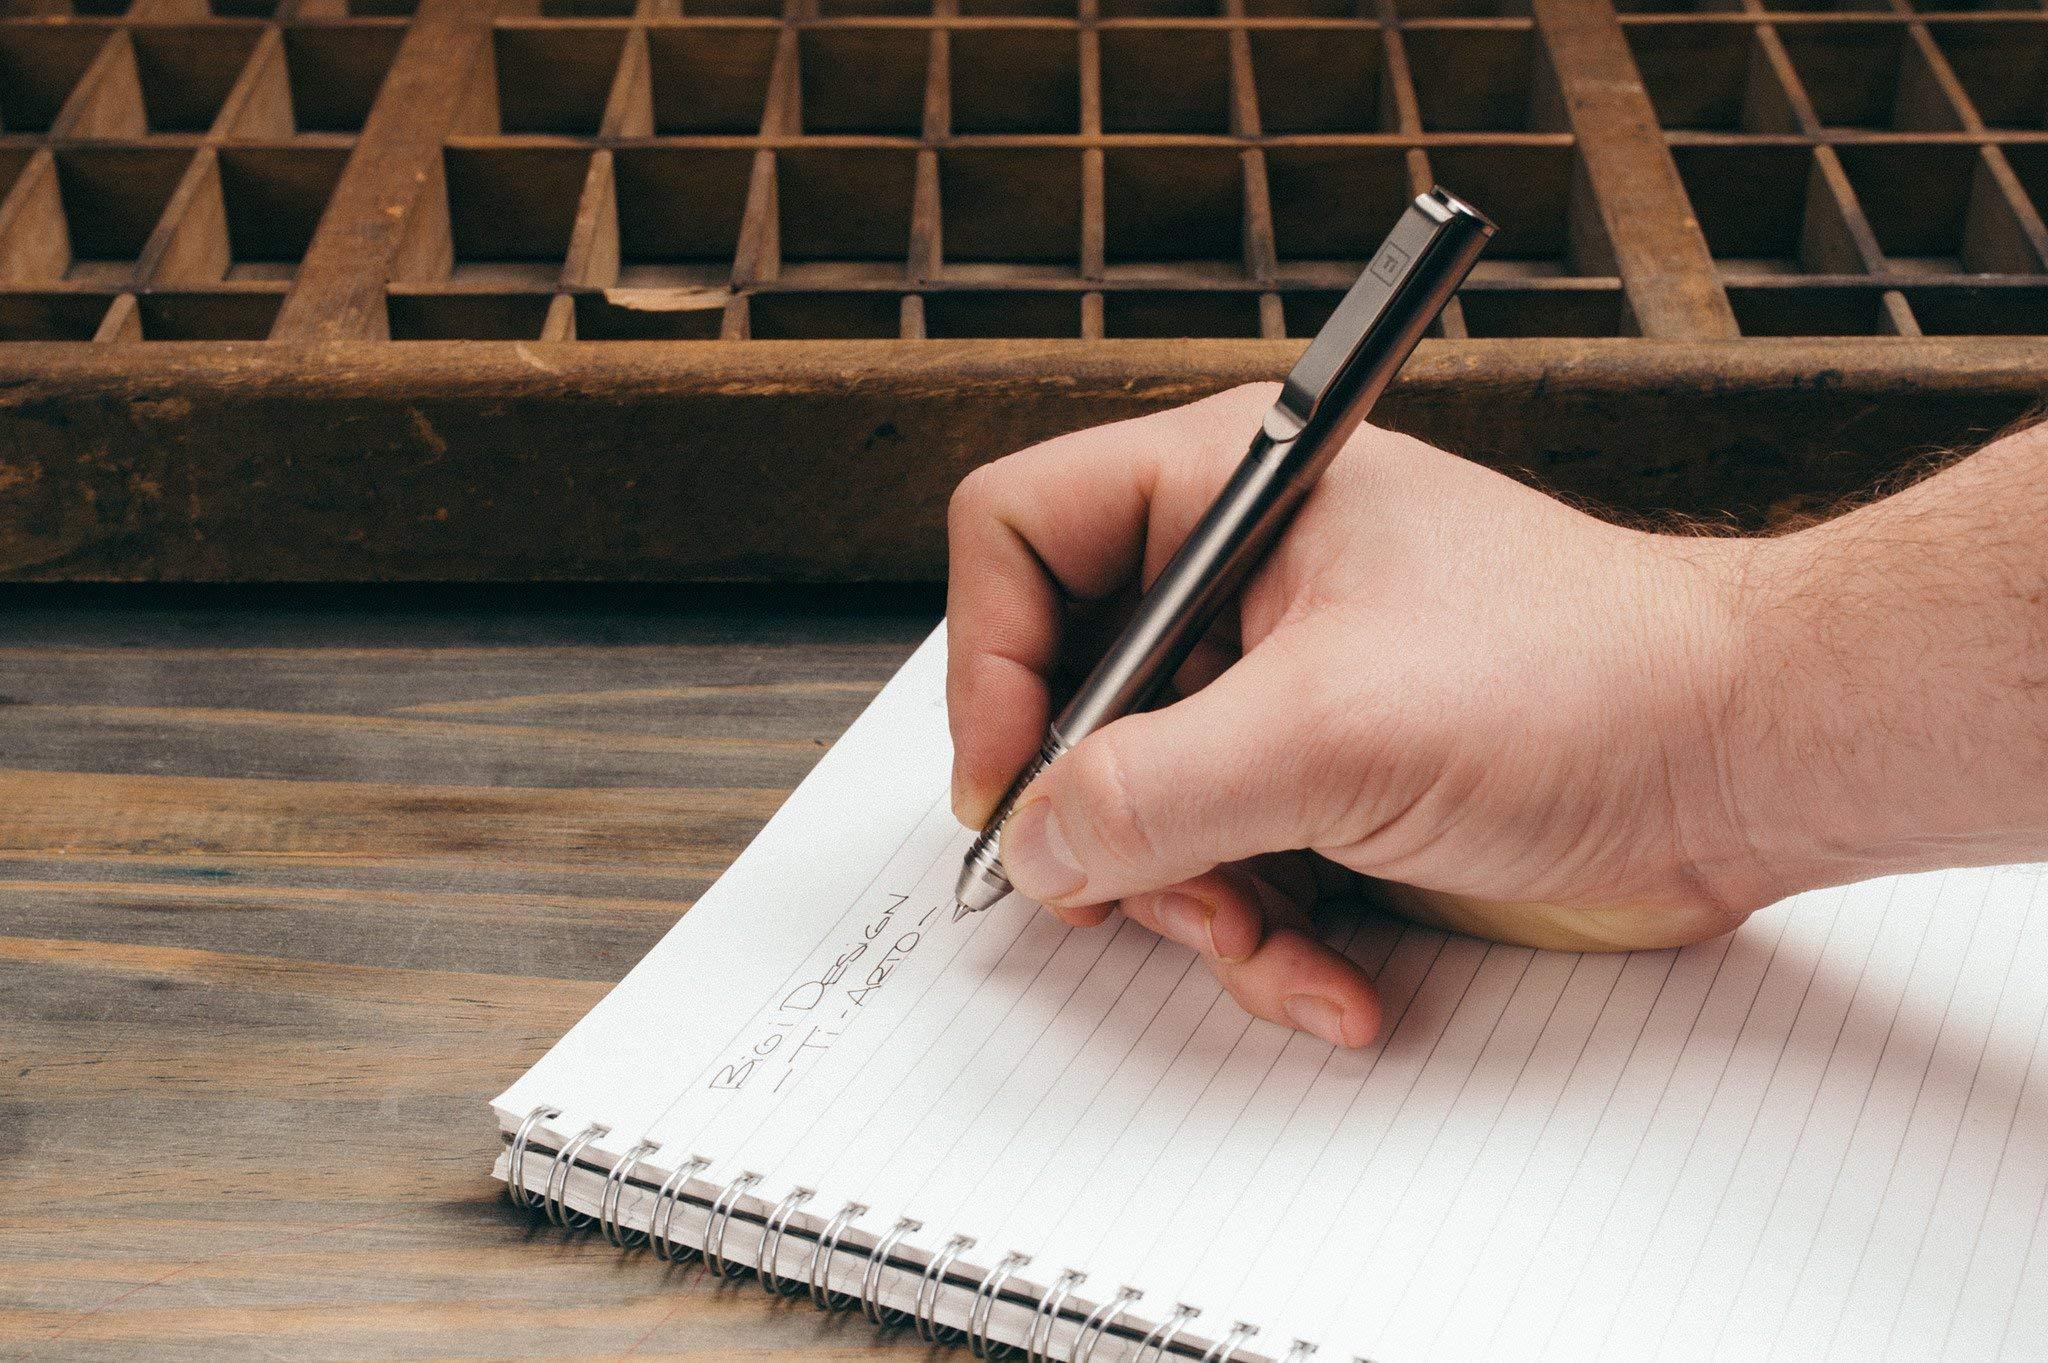 Ti Arto Pen by BIG IDEA DESIGN (Image #2)